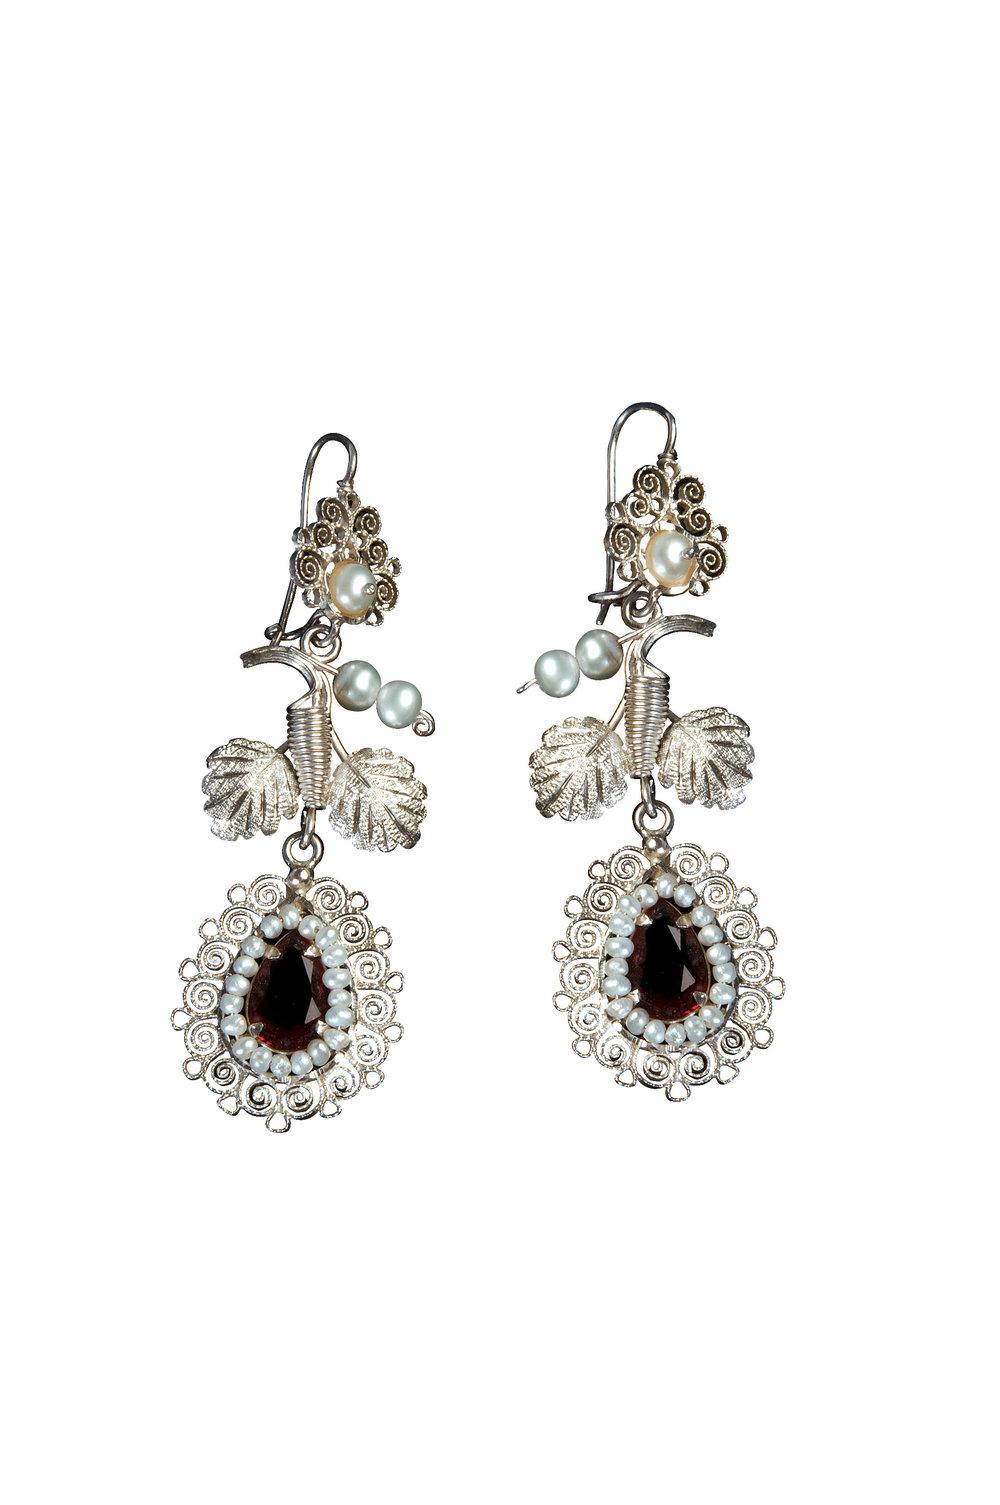 Jewelry #4.jpg